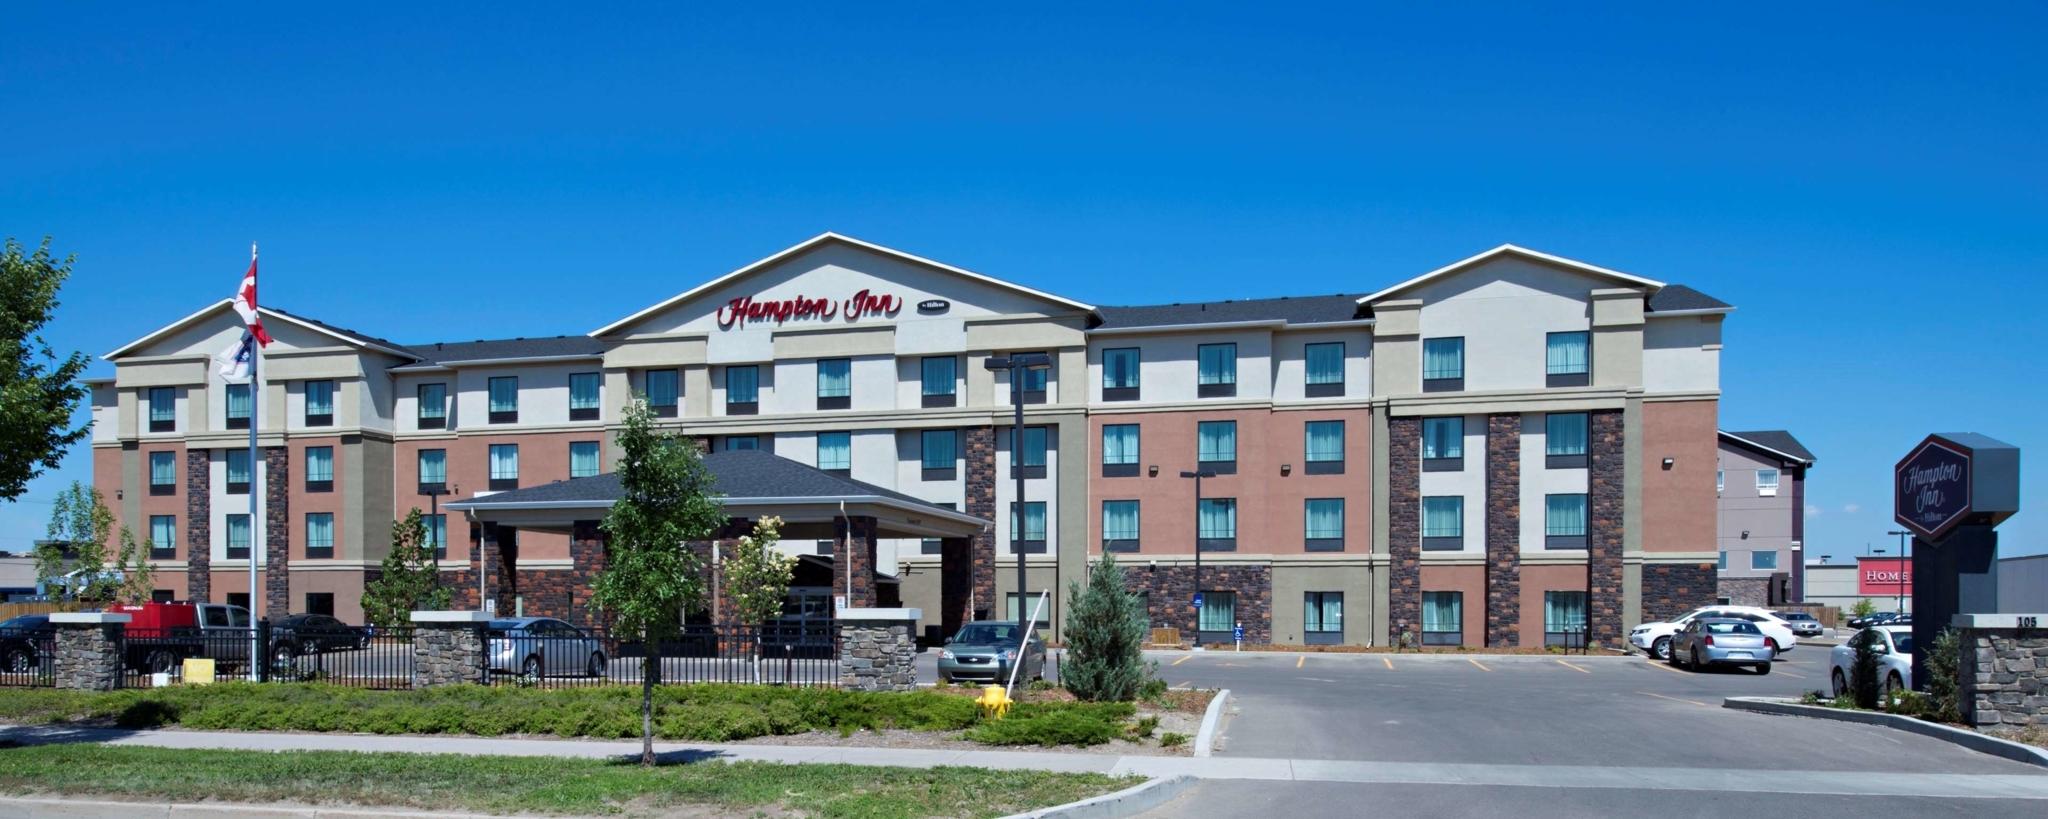 Hampton Inn Saskatoon South - Hotels